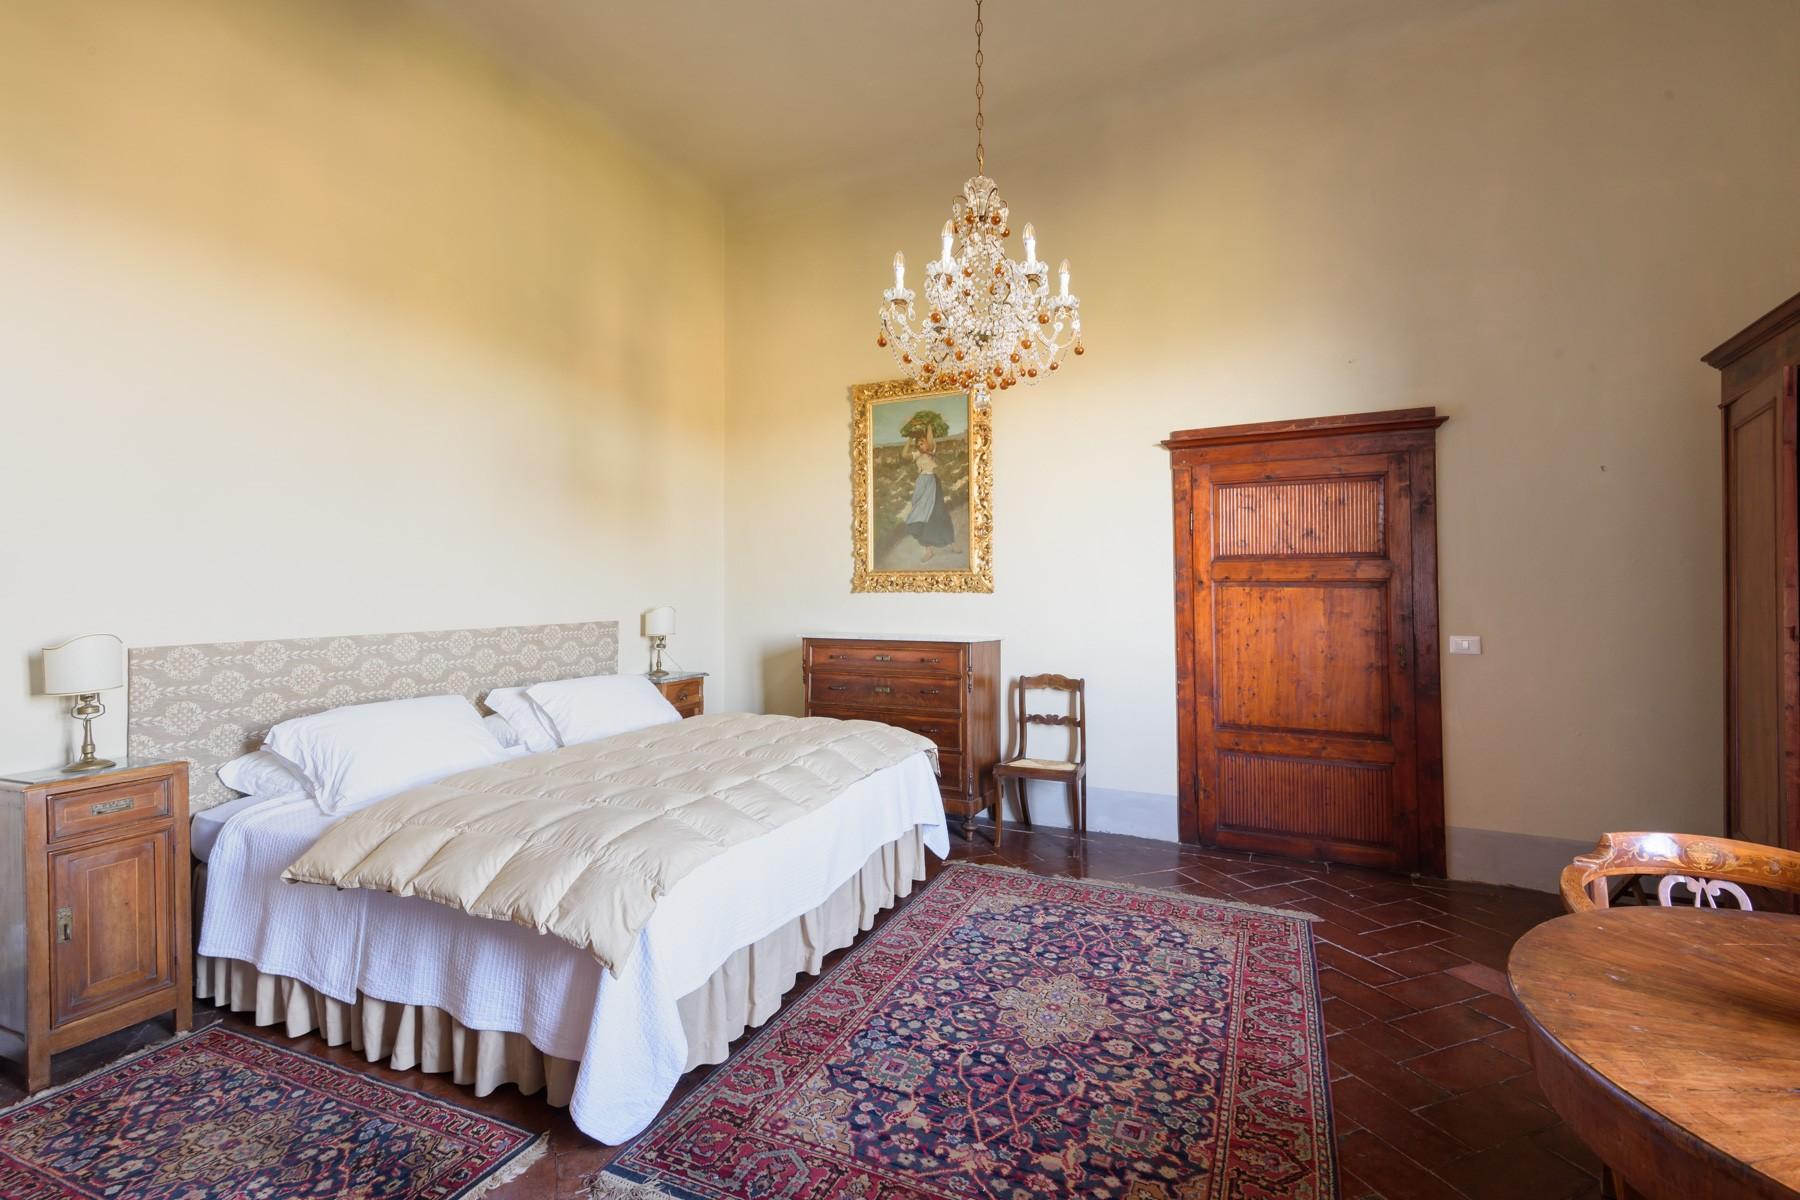 Villa in Vendita a Montaione: 5 locali, 15655 mq - Foto 14